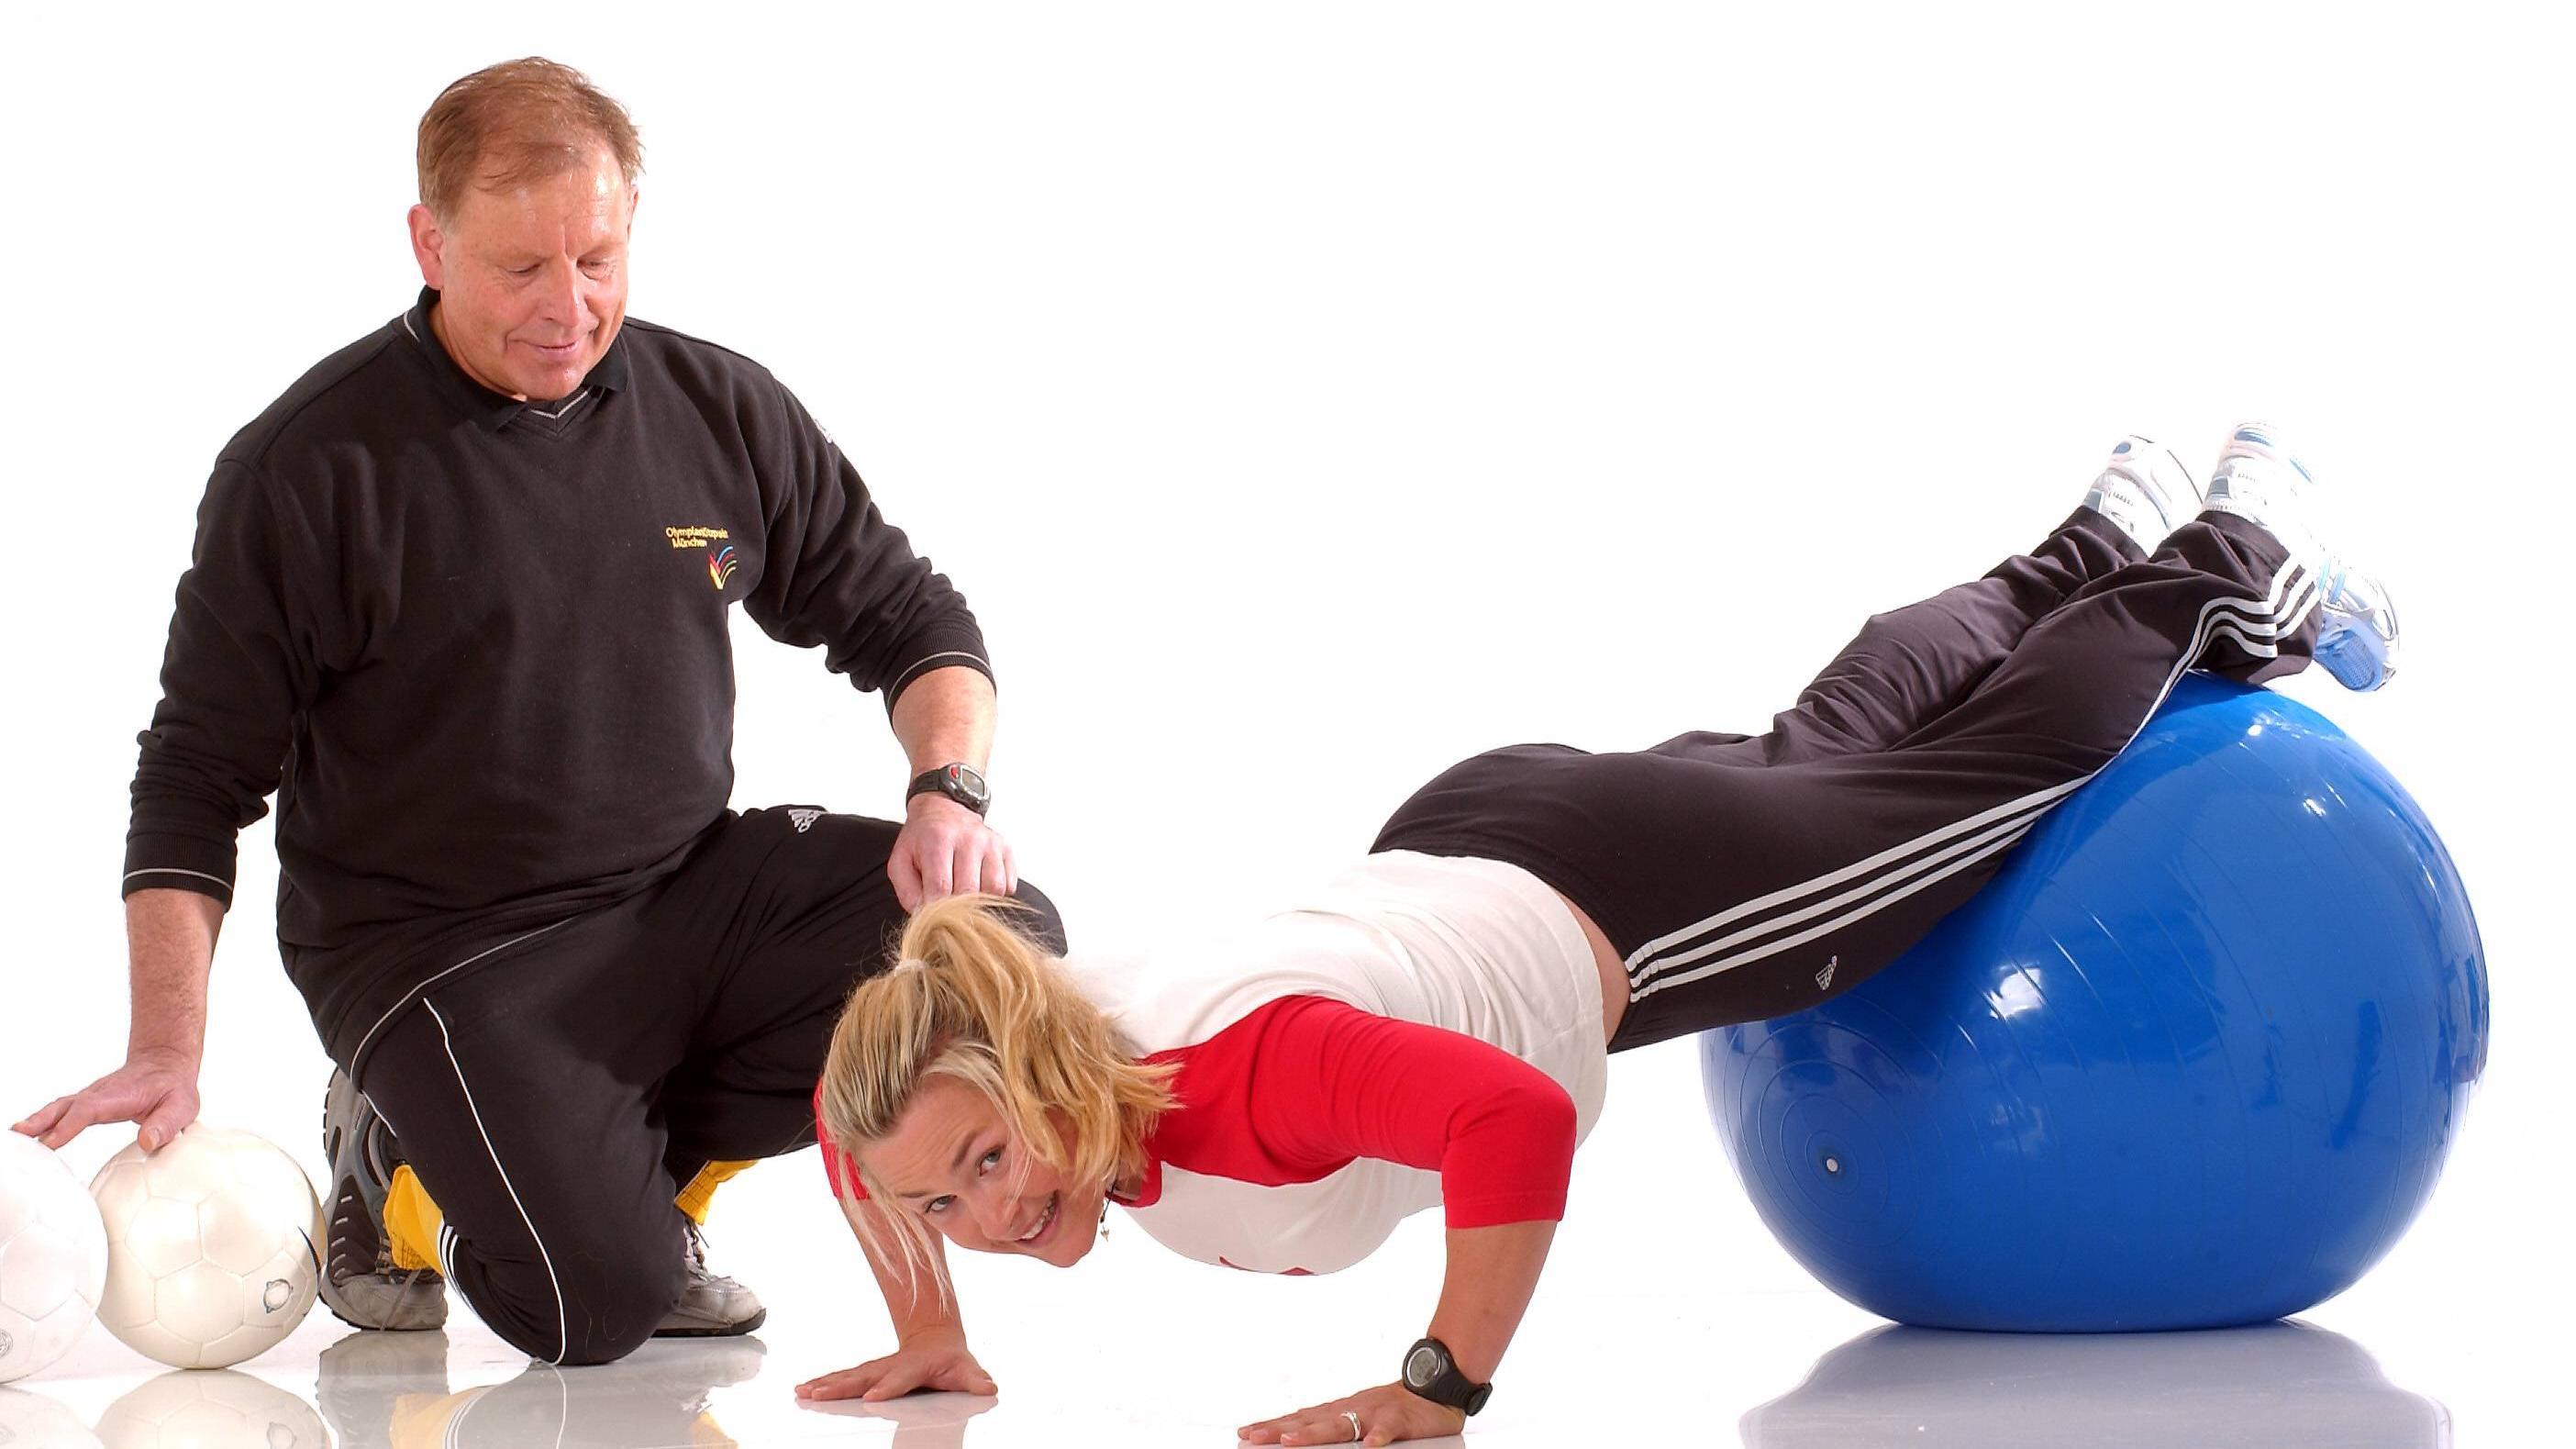 Liegestütze eignen sich als Übung auf dem Gymnastikball.